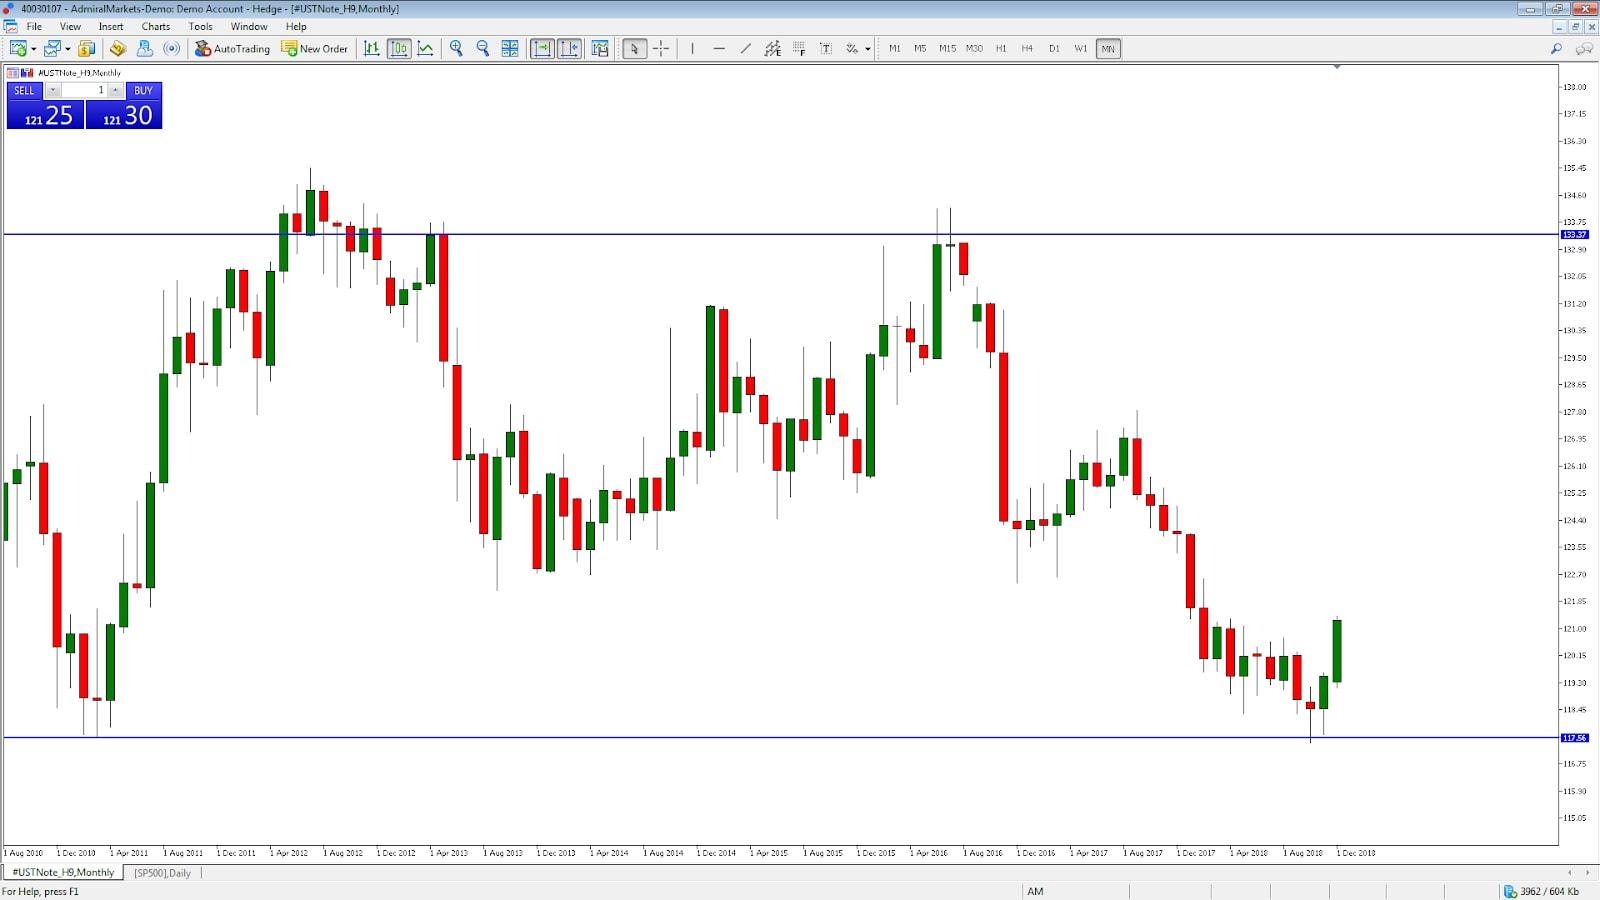 Tőzsde (Tőzsdepiac): Meghatározás és jelentés | csepeligsm.hu